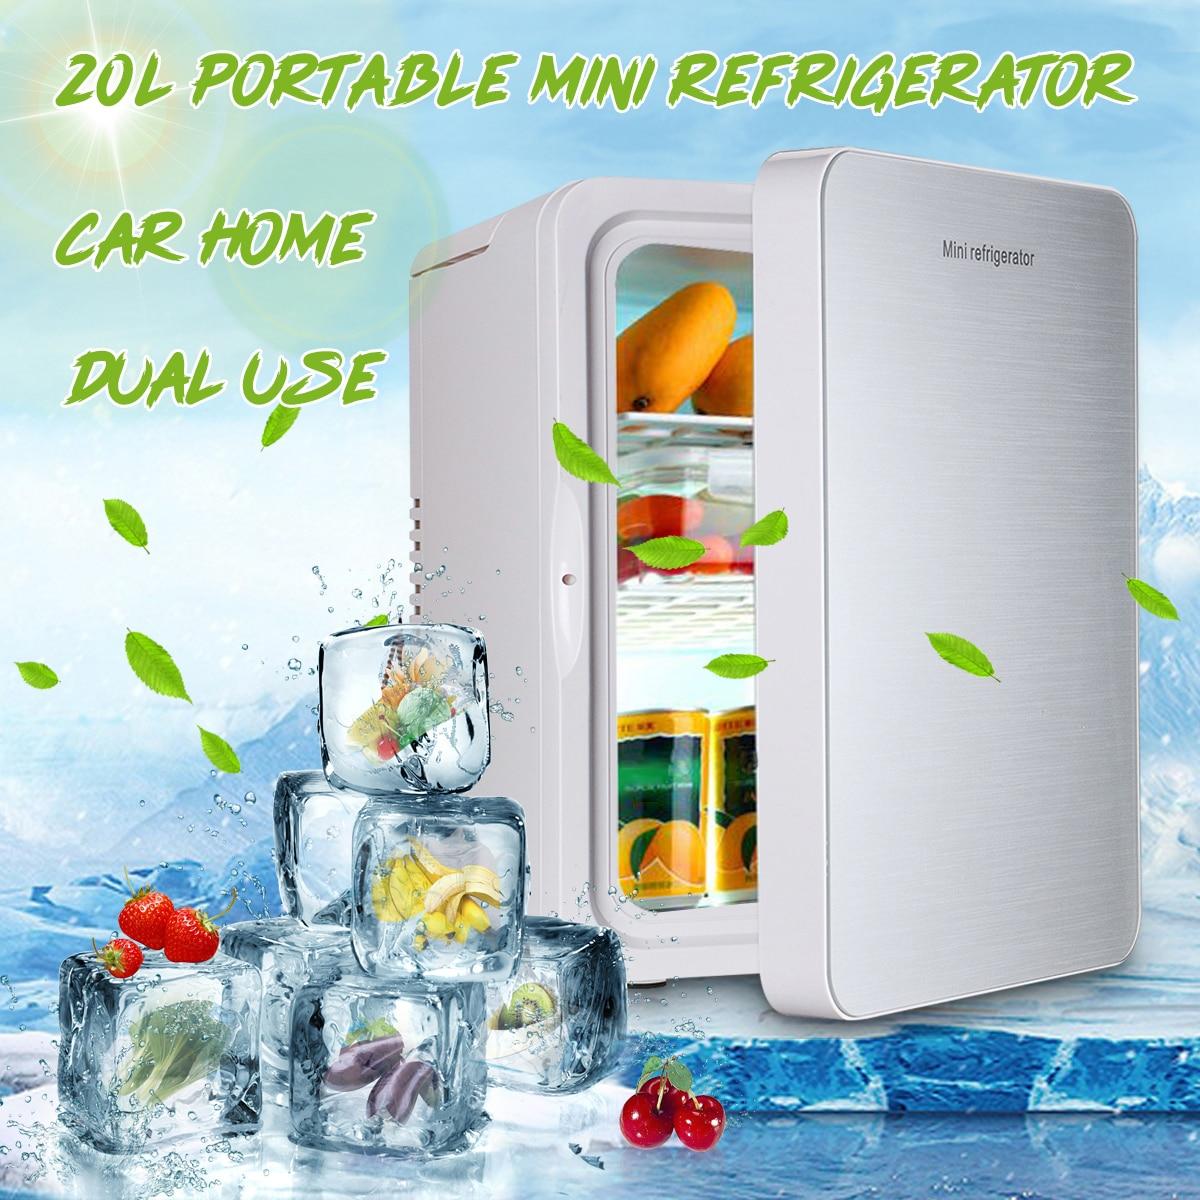 20L Portable Mini réfrigérateur 12 V/220 V 56 W voiture Camping maison réfrigérateur refroidisseur et plus chaud simple noyau bonne Dissipation thermique à faible bruit